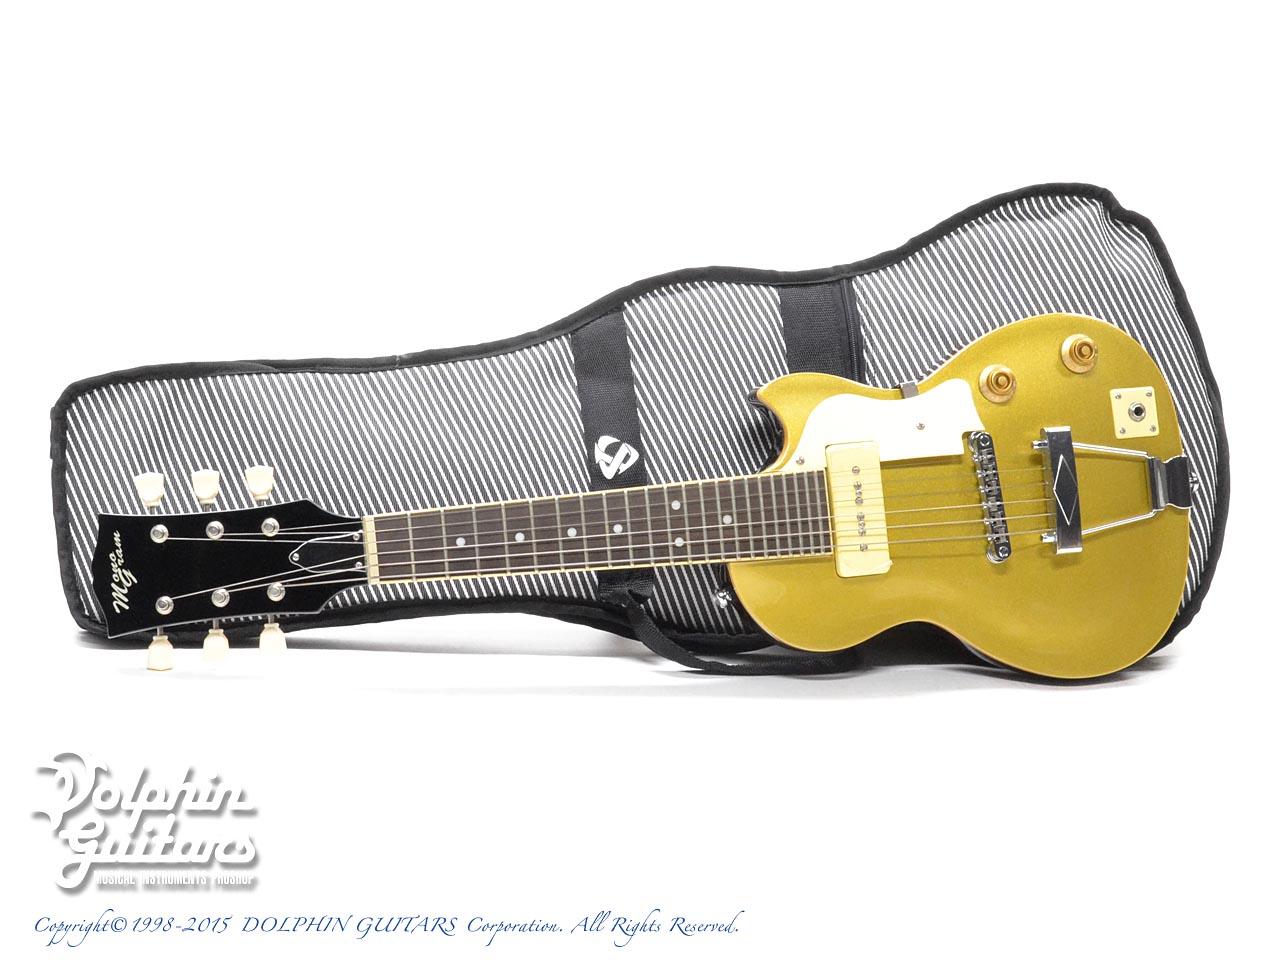 monogram travel guitar mini lp 8581 ドルフィンギターズ